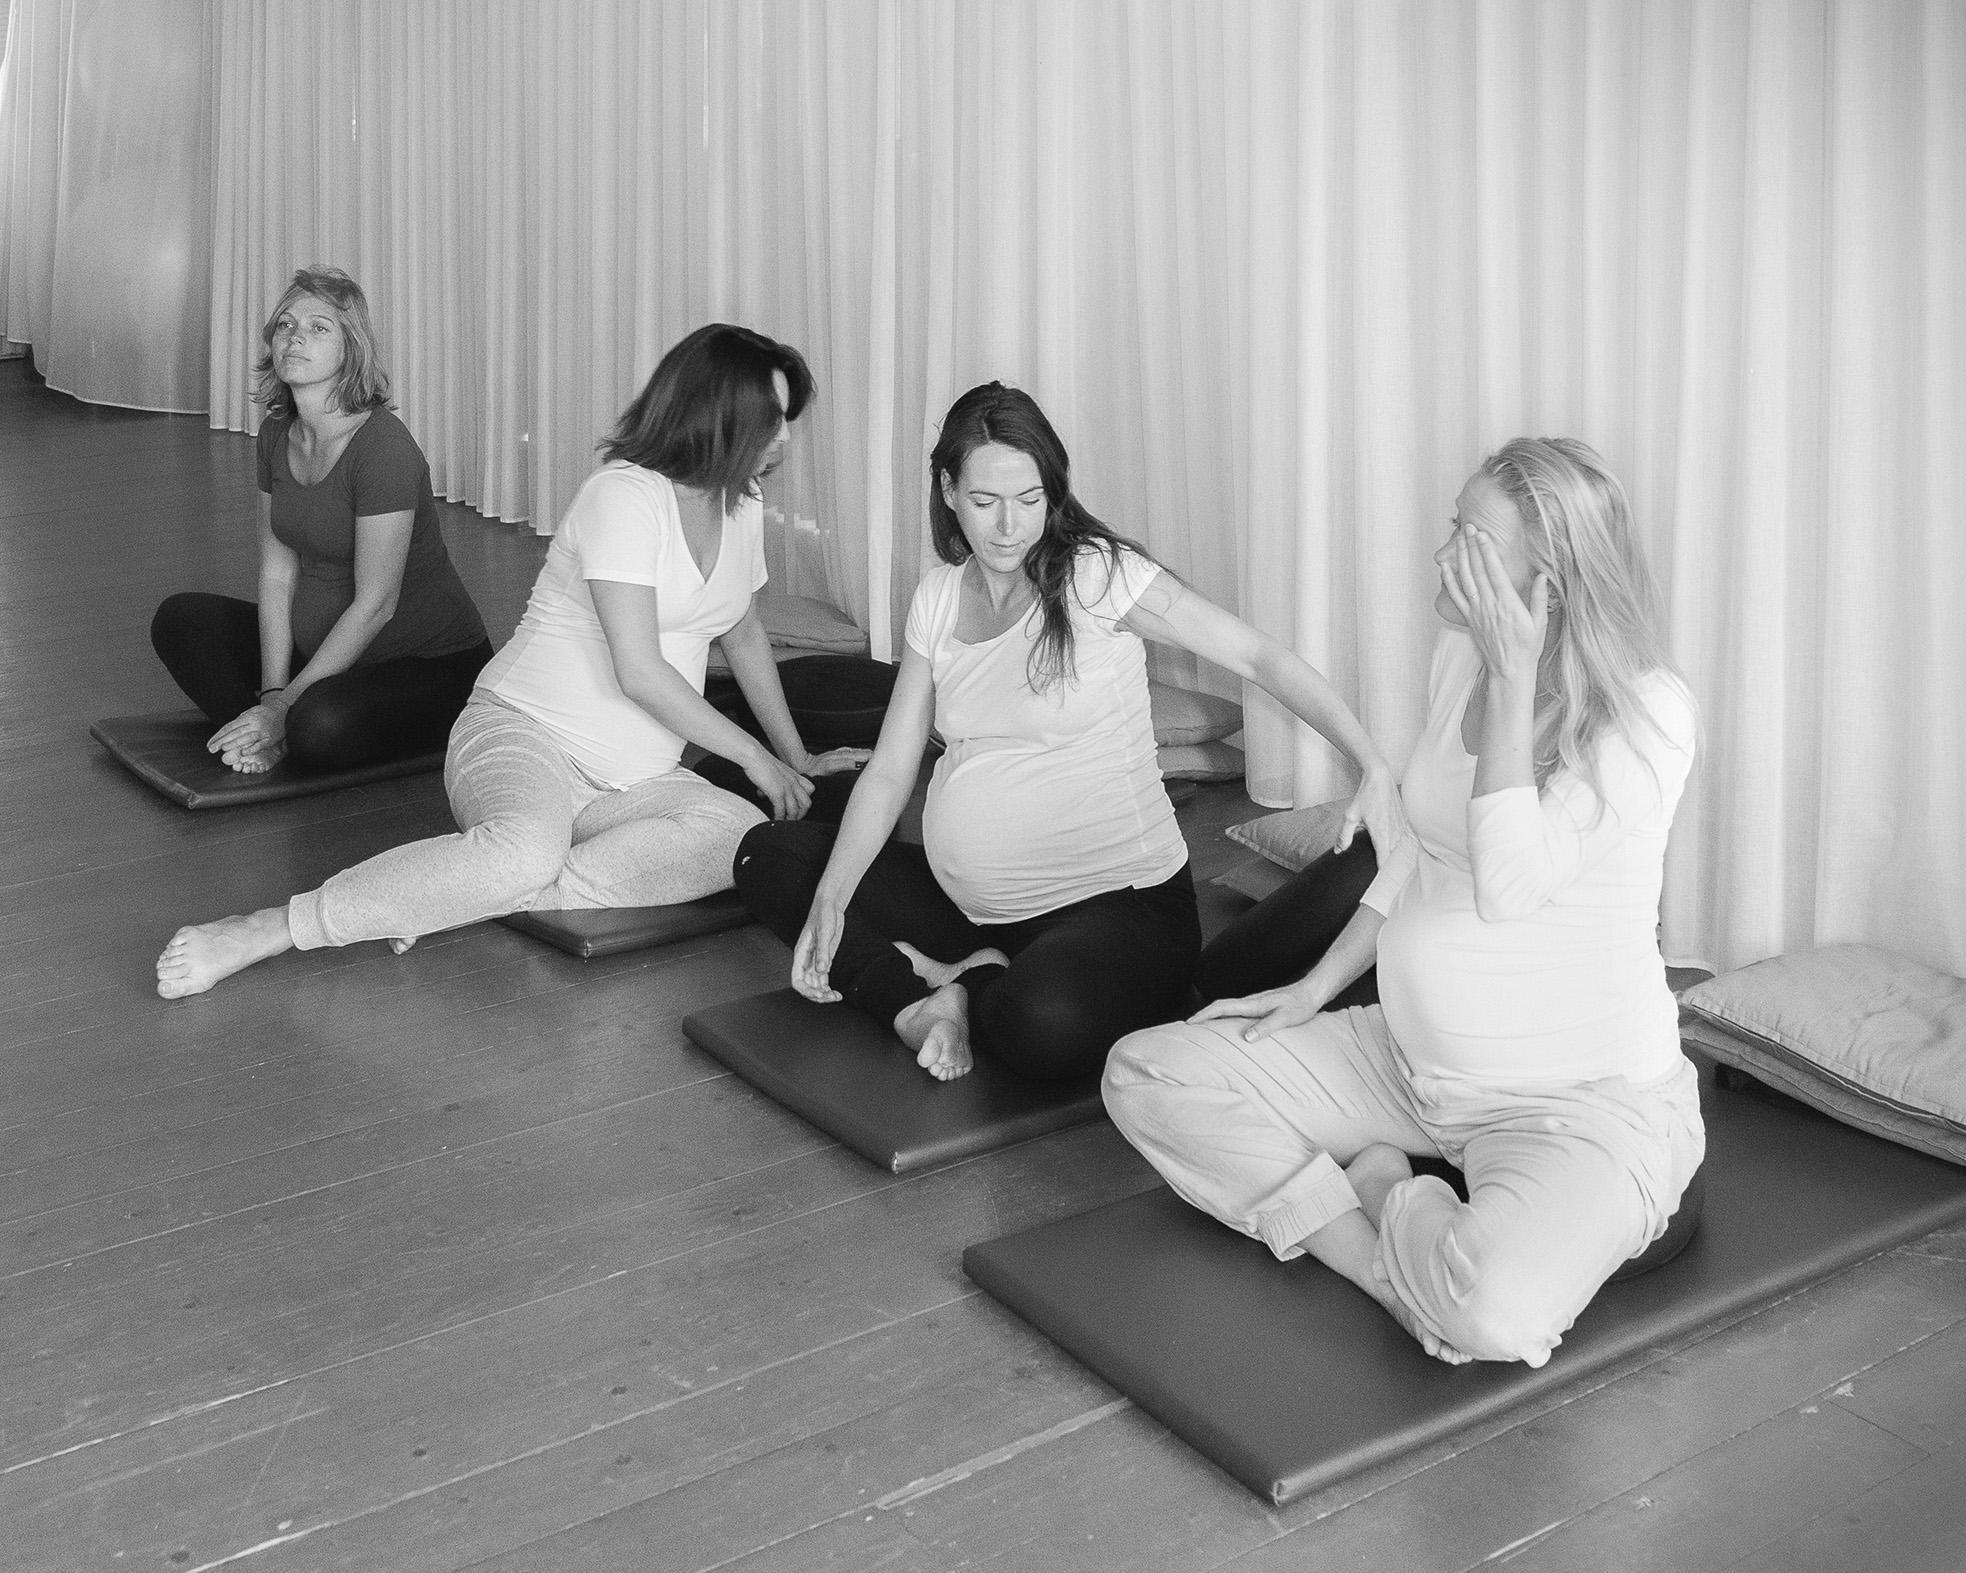 vier zwangere vrouwen op een matje bij de zwangerschapscursus